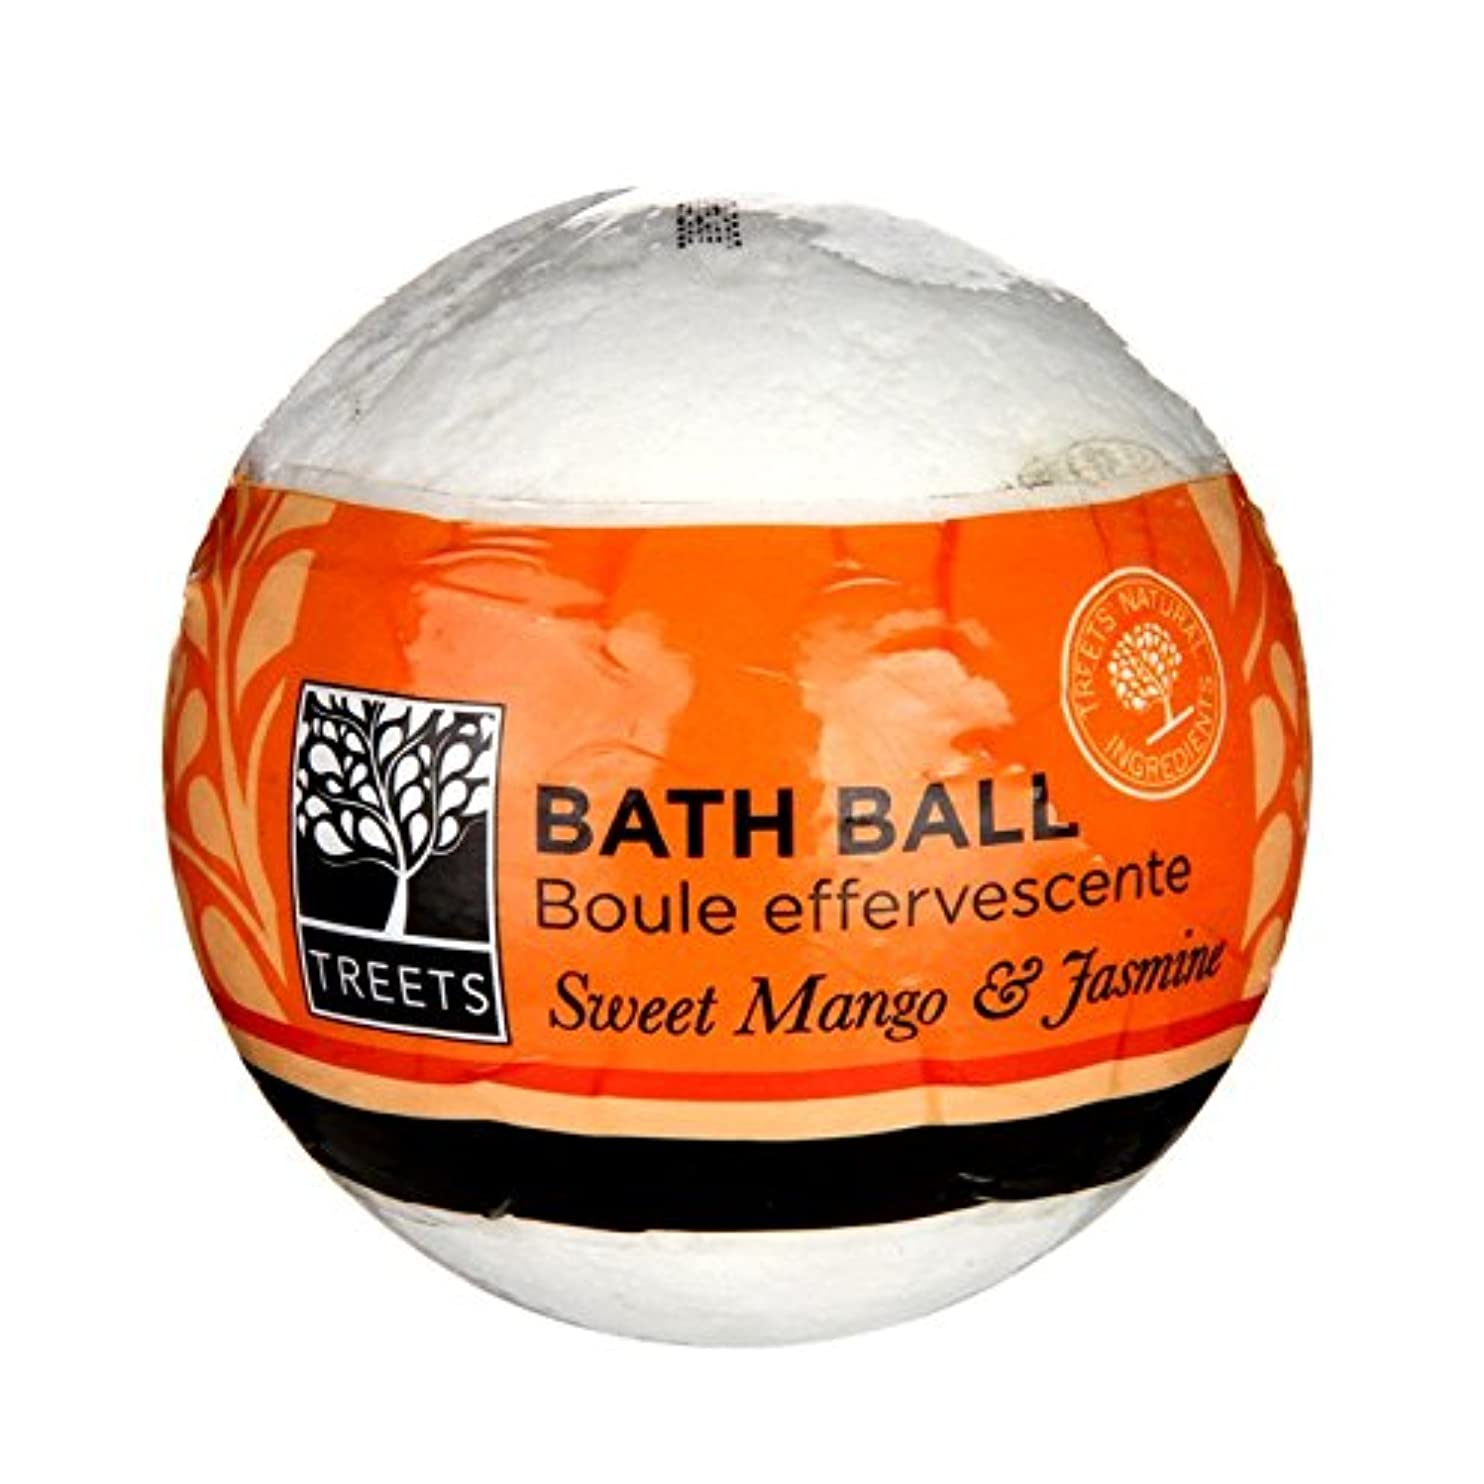 端末強化するエイリアスTreets Sweet Mango and Jasmine Bath Ball (Pack of 2) - Treets甘いマンゴーとジャスミンバスボール (x2) [並行輸入品]